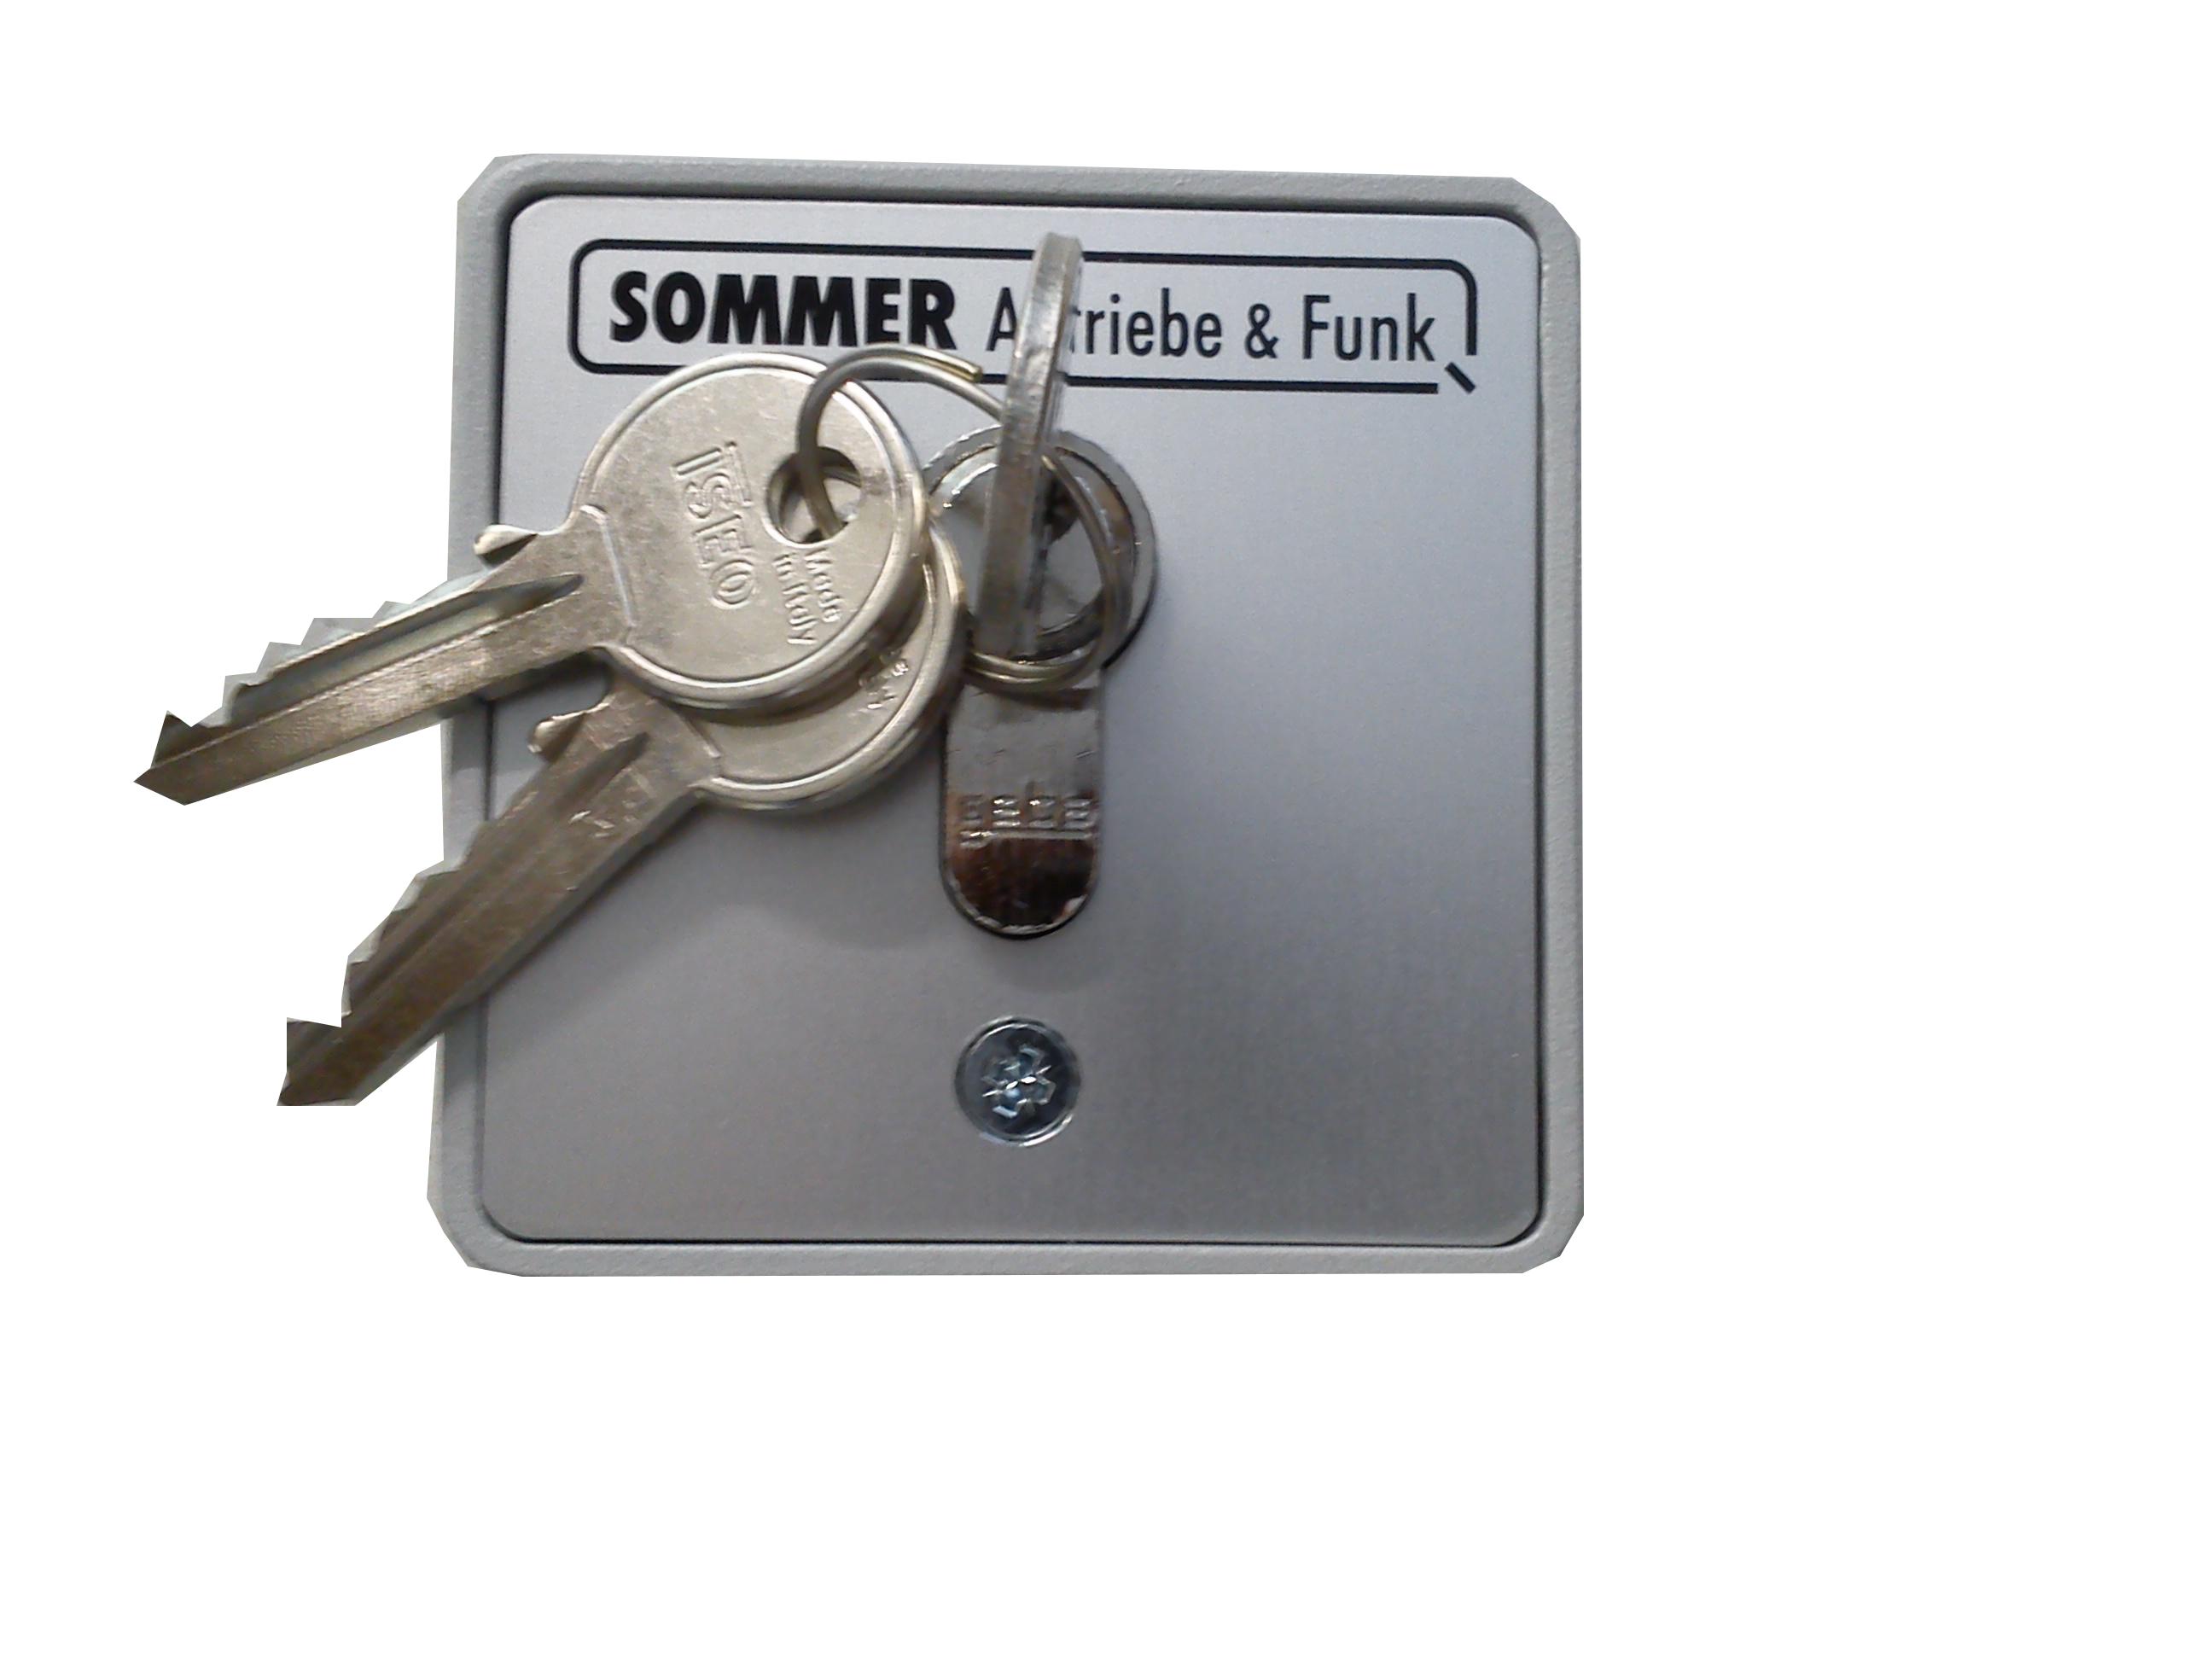 Schema Elettrico Selettore A Chiave : Selettore a chiave per automazioni system elettronica